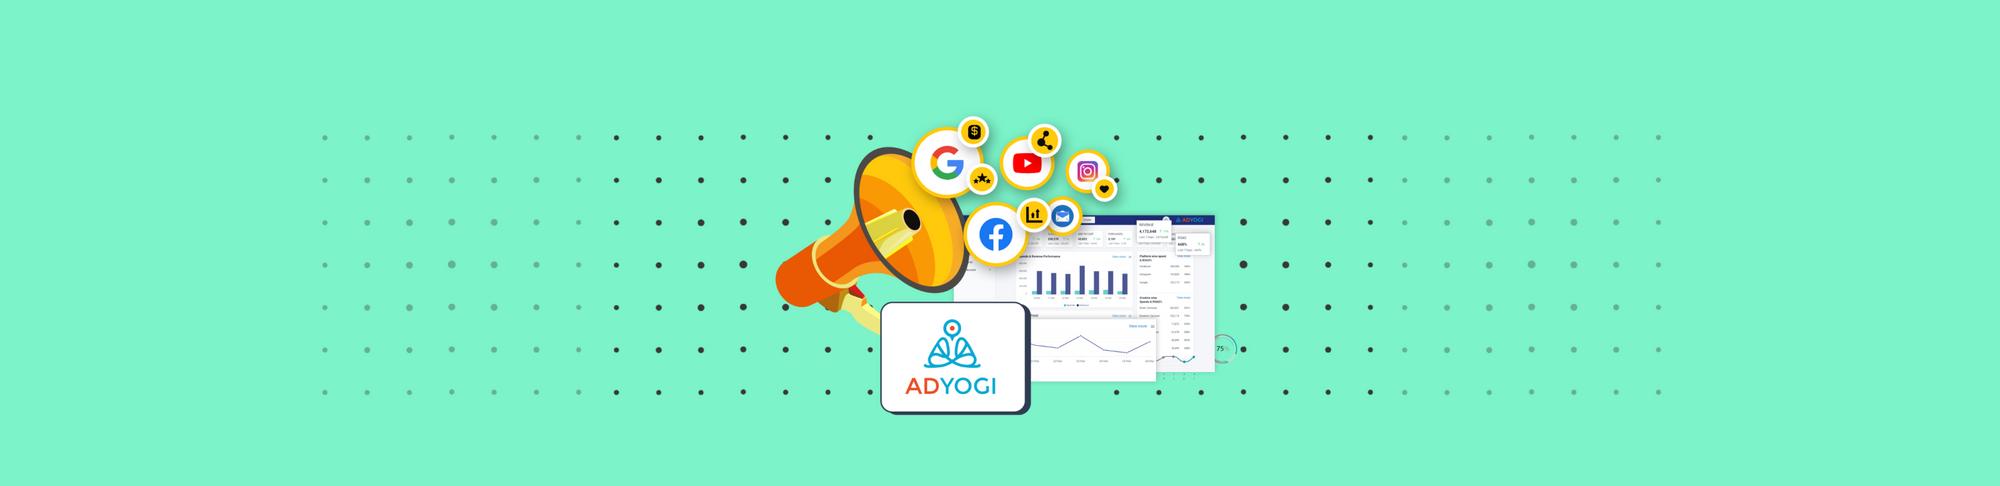 AdYogi - Fastest growing marketing automation platform